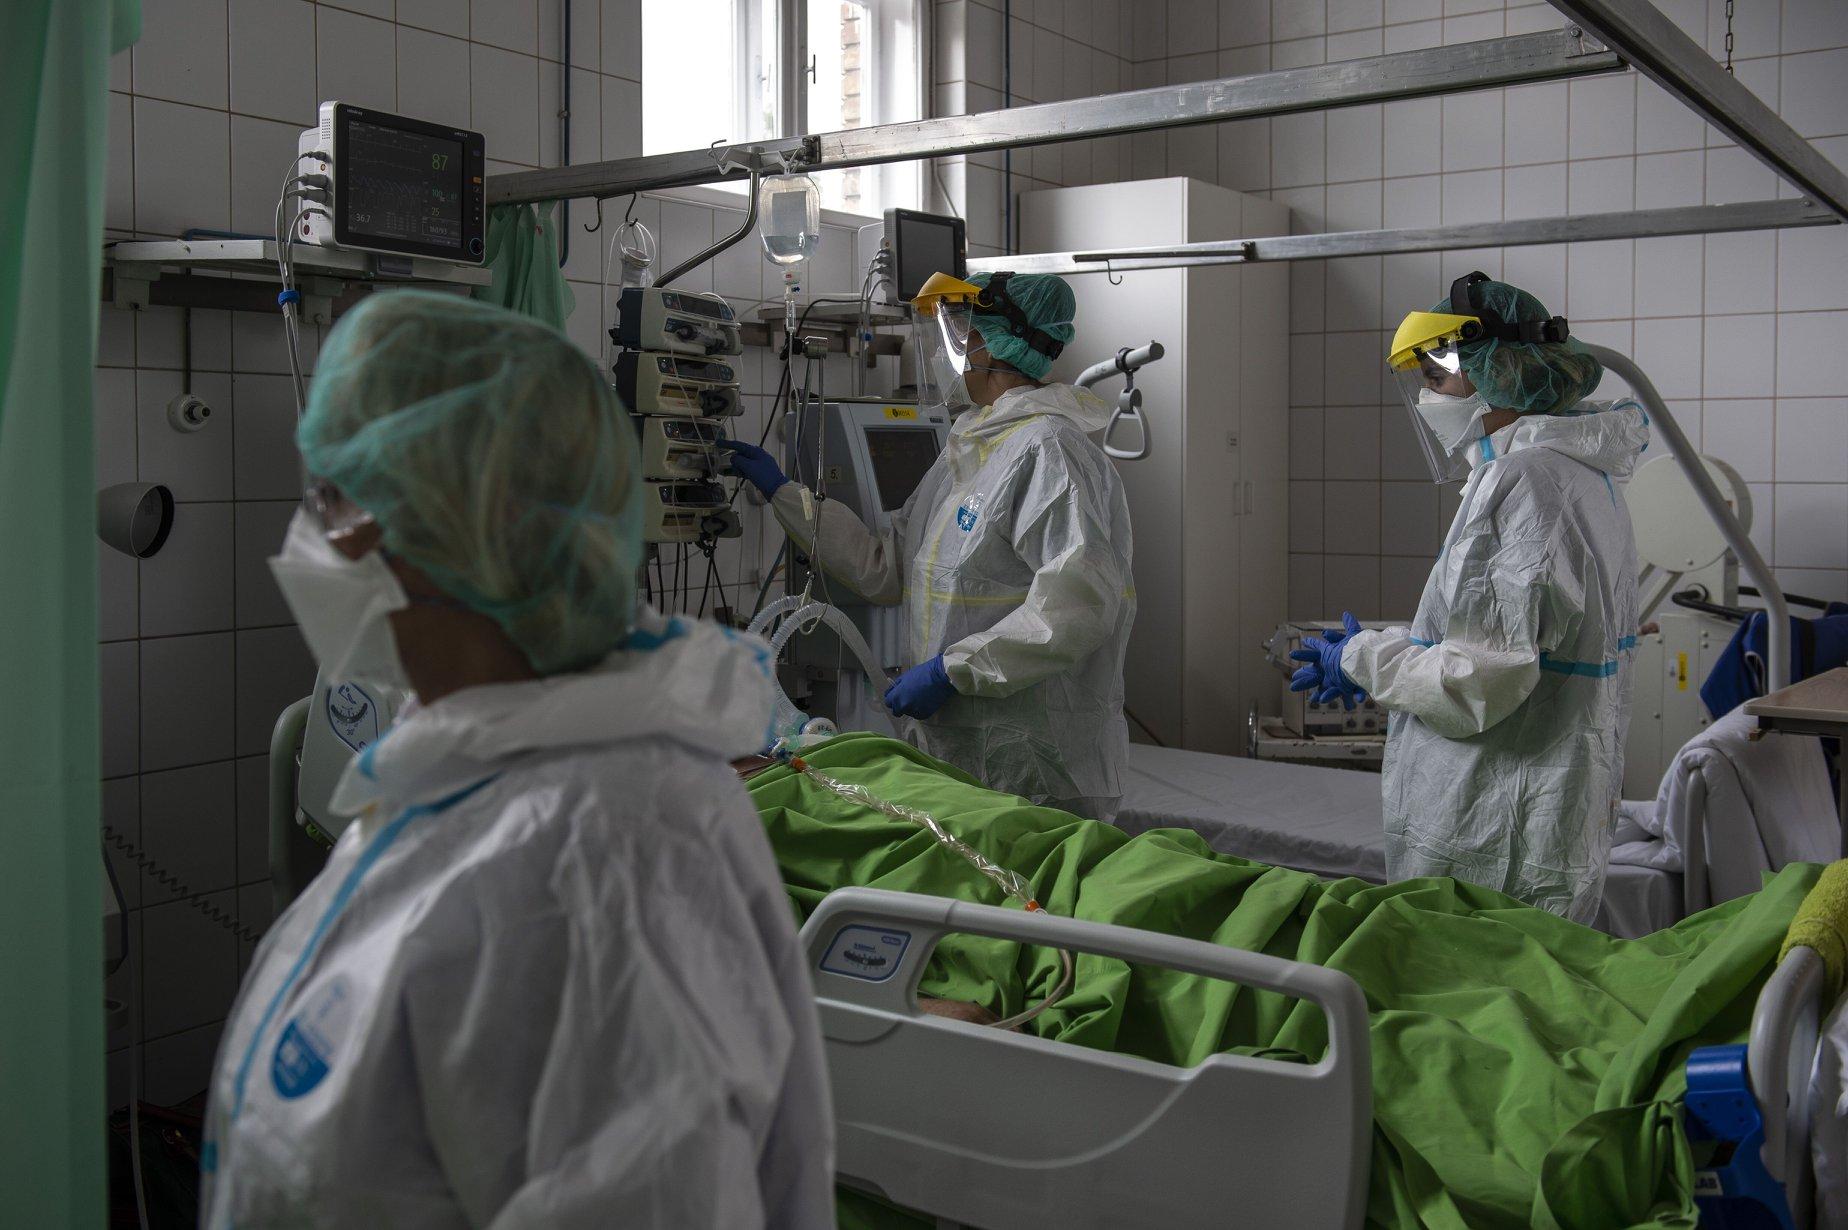 coronavirus in Hungary